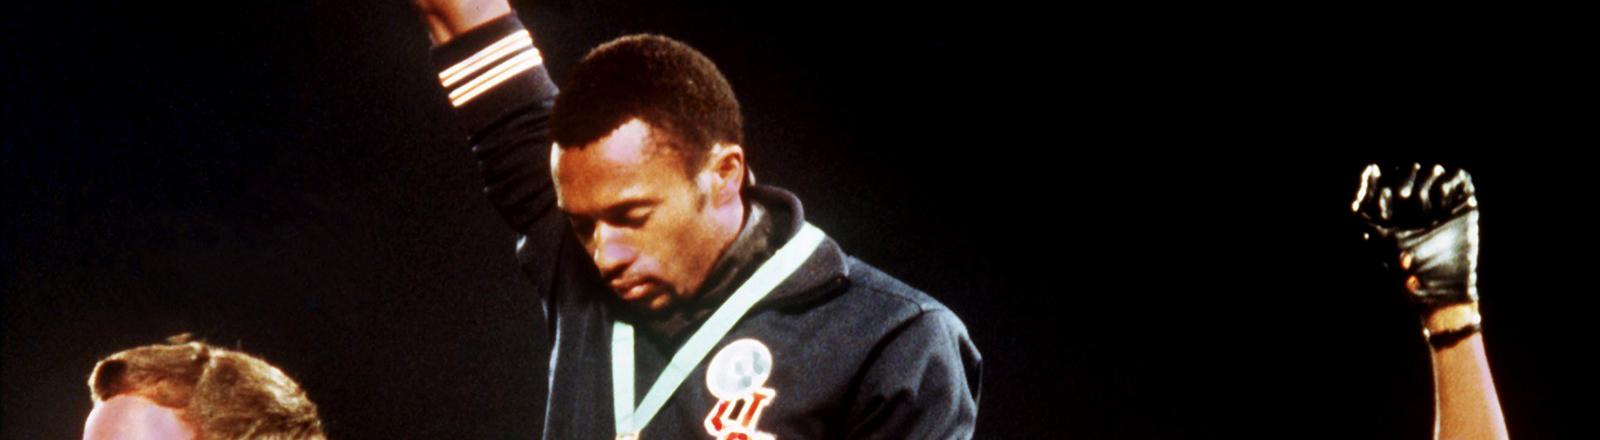 ´Die US-amerikanischen Sprinter Tommy Smith und John Carlos protestieren mit einer zum Himmel gereckten schwarzen Faust bei den Olympischen Spielen 1968.